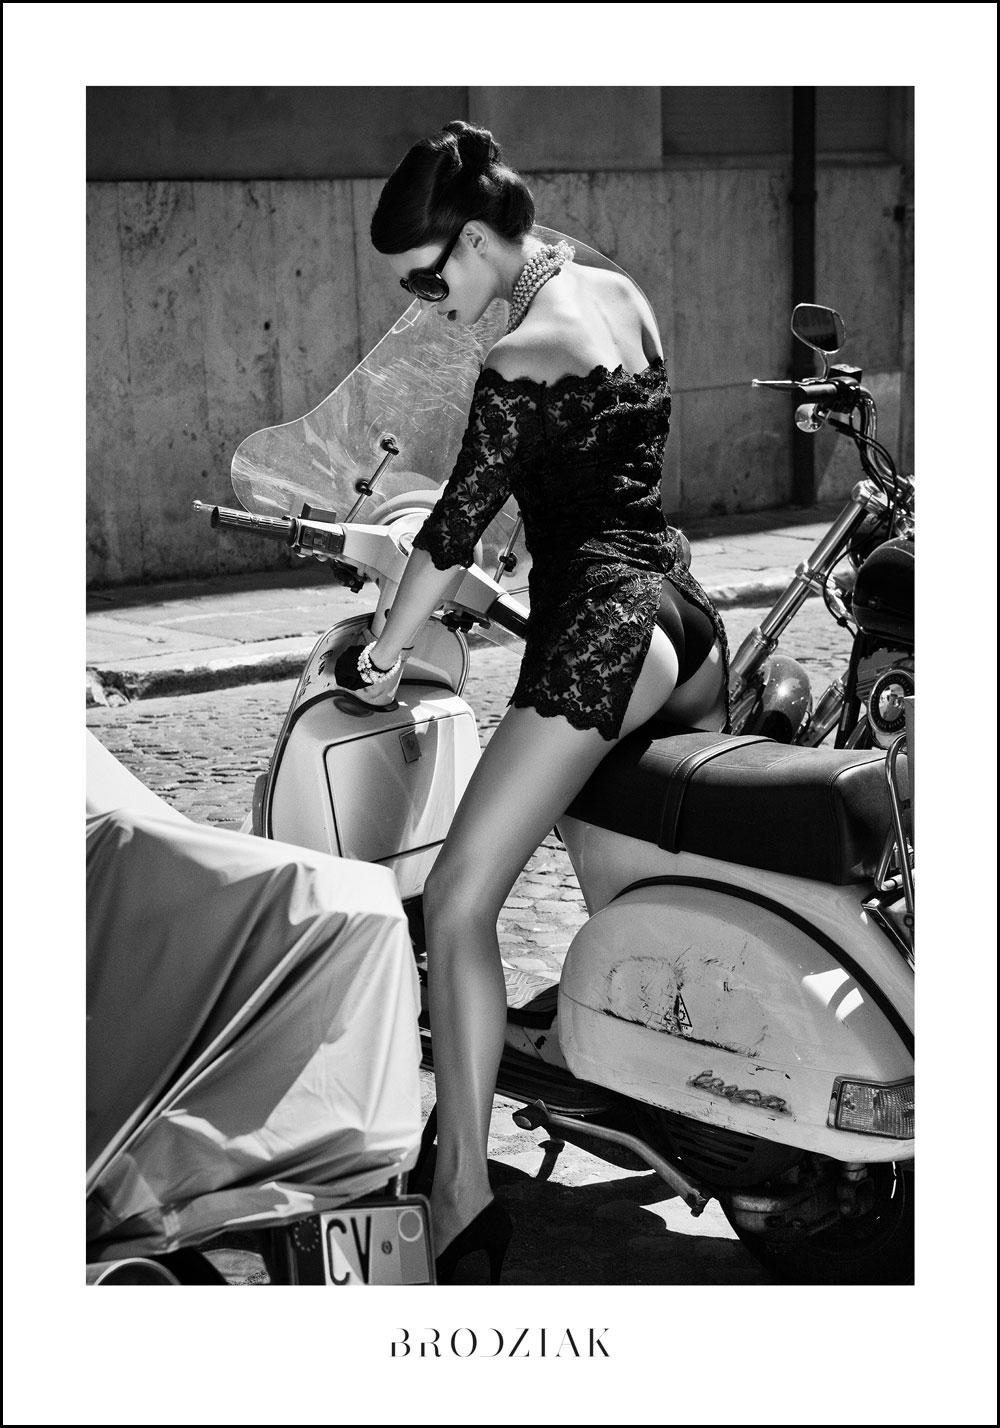 Czarno-białe zdjęcie kobiety siedzącej na skuterze